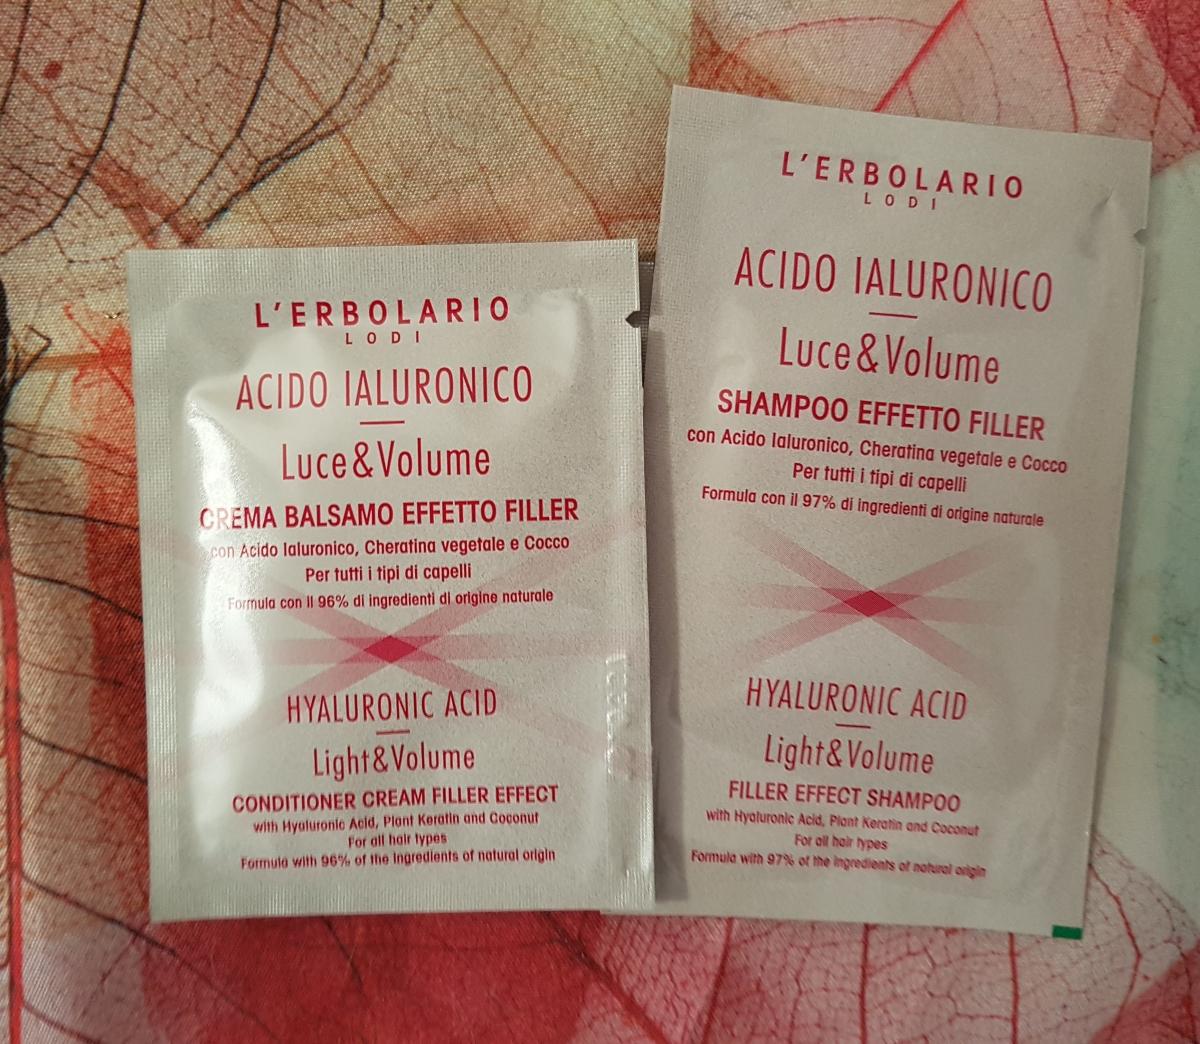 °°[Review] Shampoo & Crema Balsamo Acido Ialuronico ~ Erbolario°°